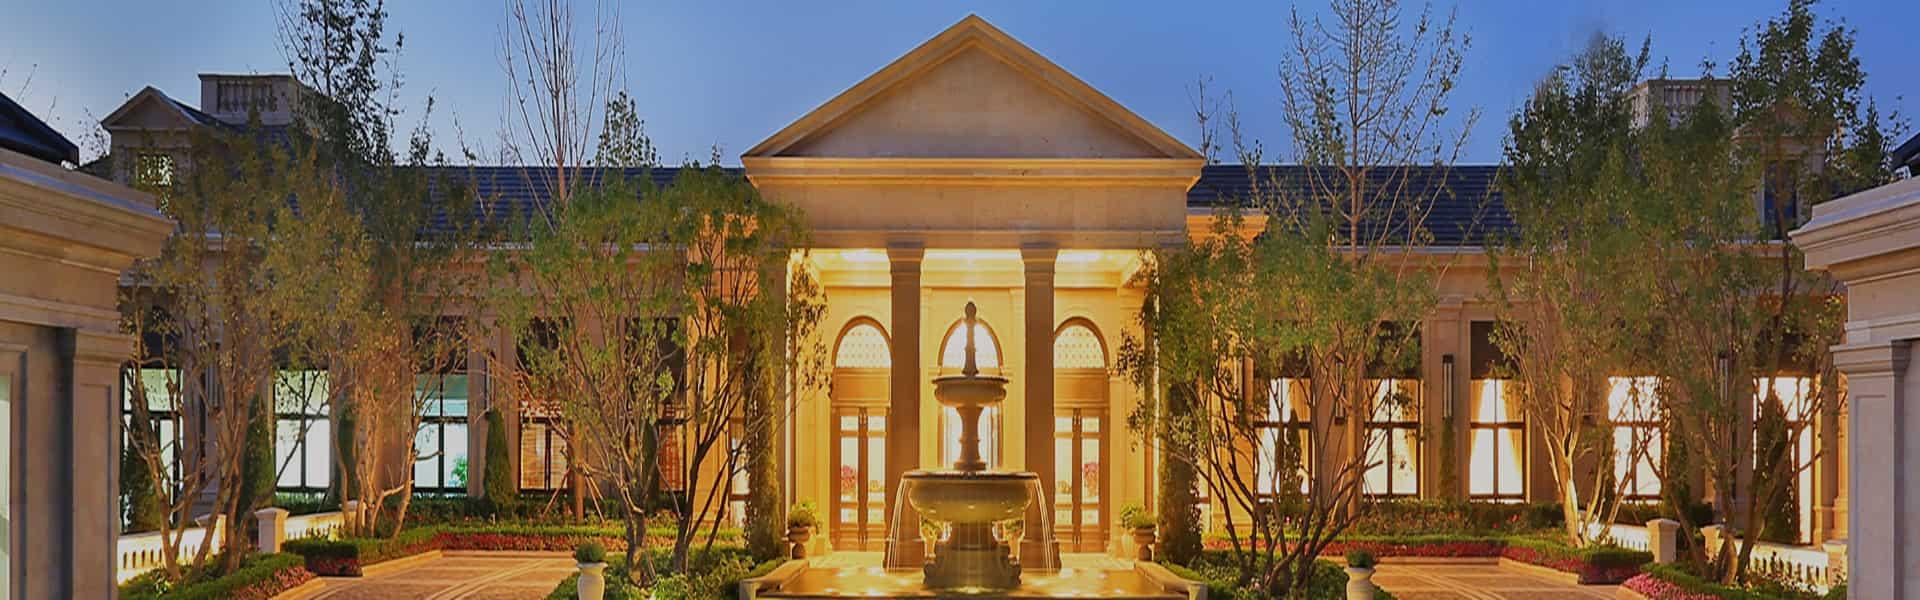 齐天断桥铝门窗厂家广泛服务别墅花园、会所、酒店、洋房、办公楼、高端小区门窗设计施工